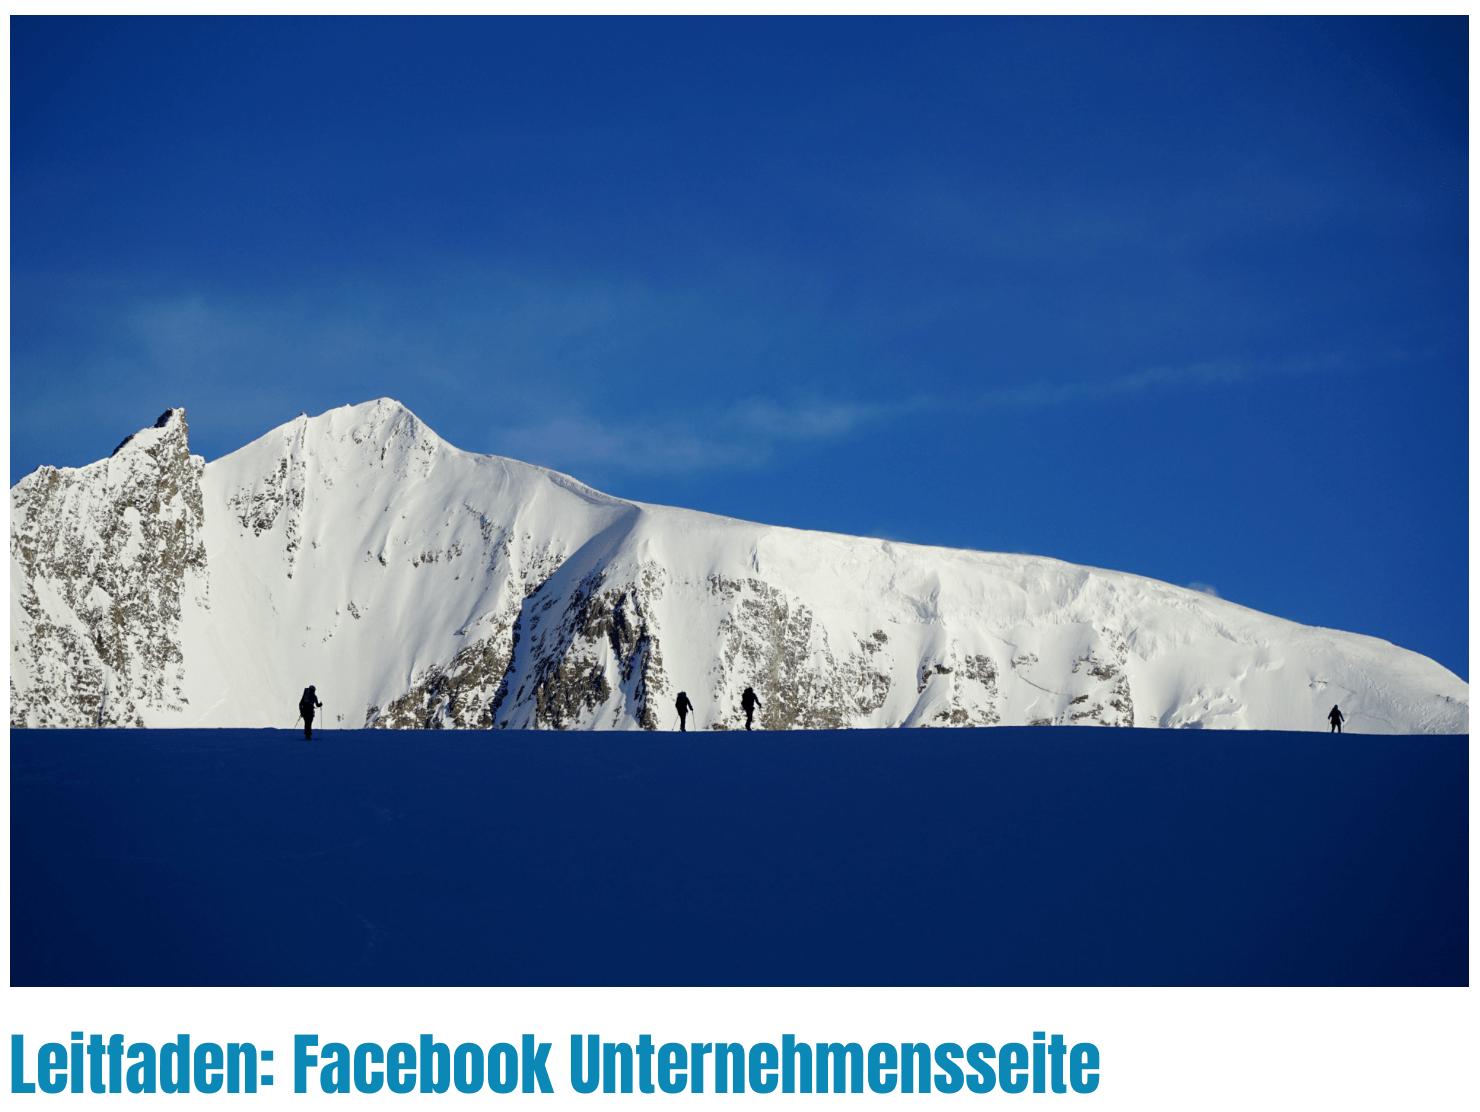 Leitfaden Unternehmensseite Facebook I alpinonline